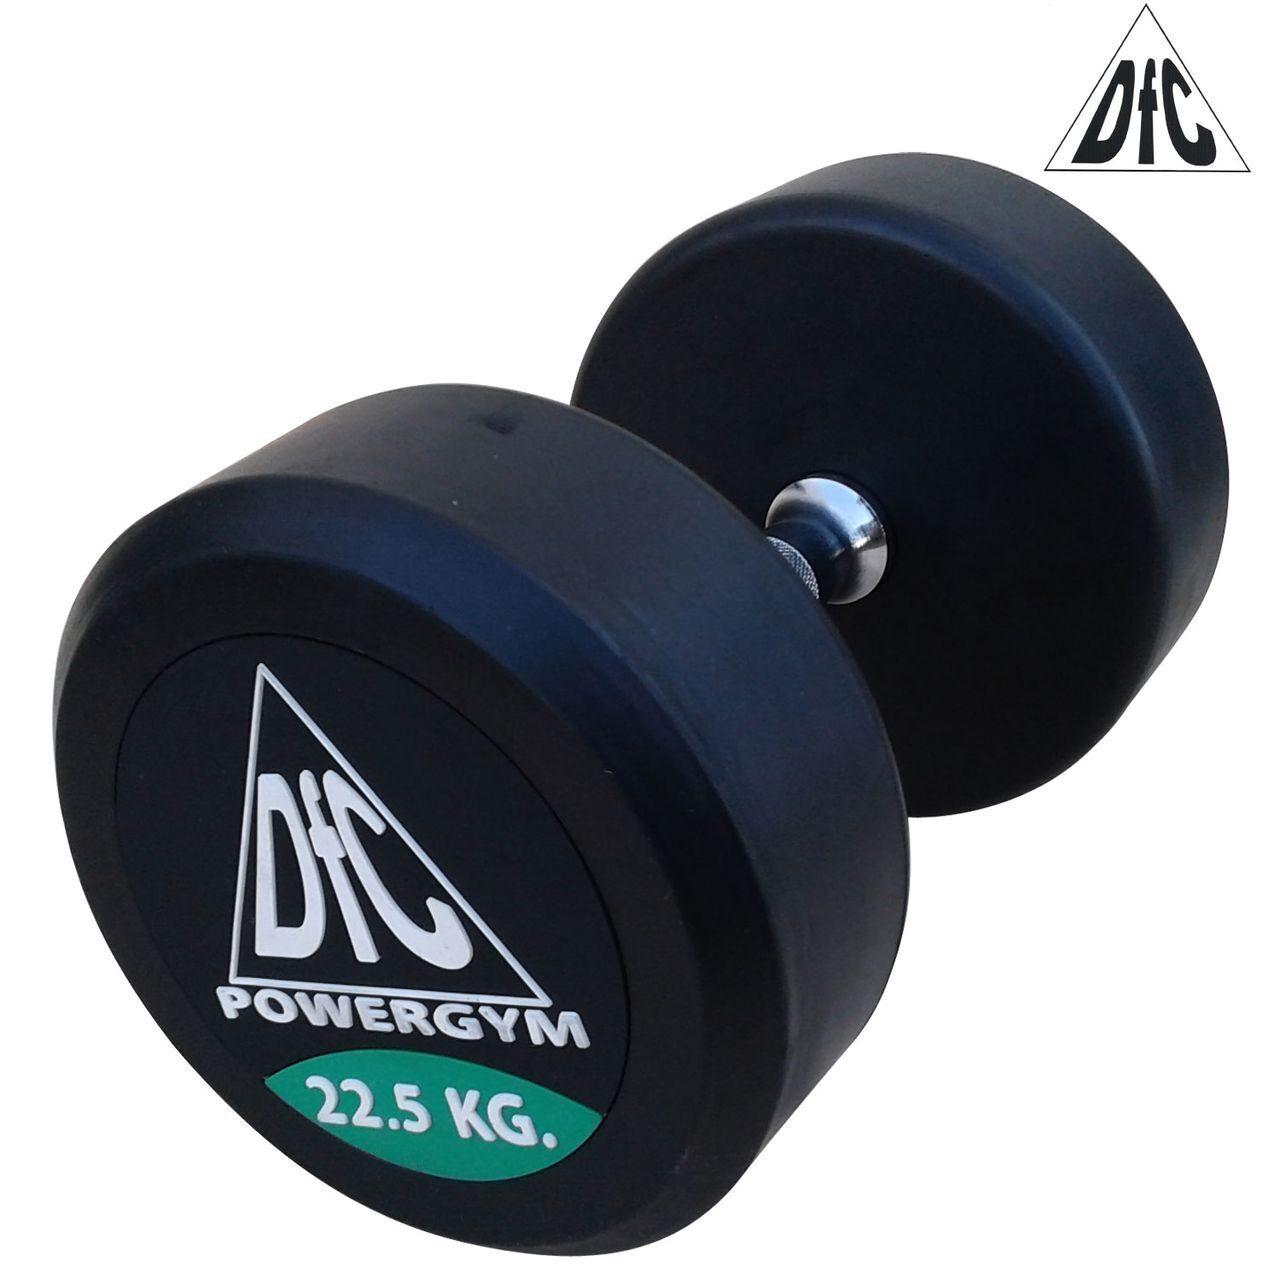 Гантели пара 22.5кг DFC POWERGYM DB002-22.5 DB002-22.5